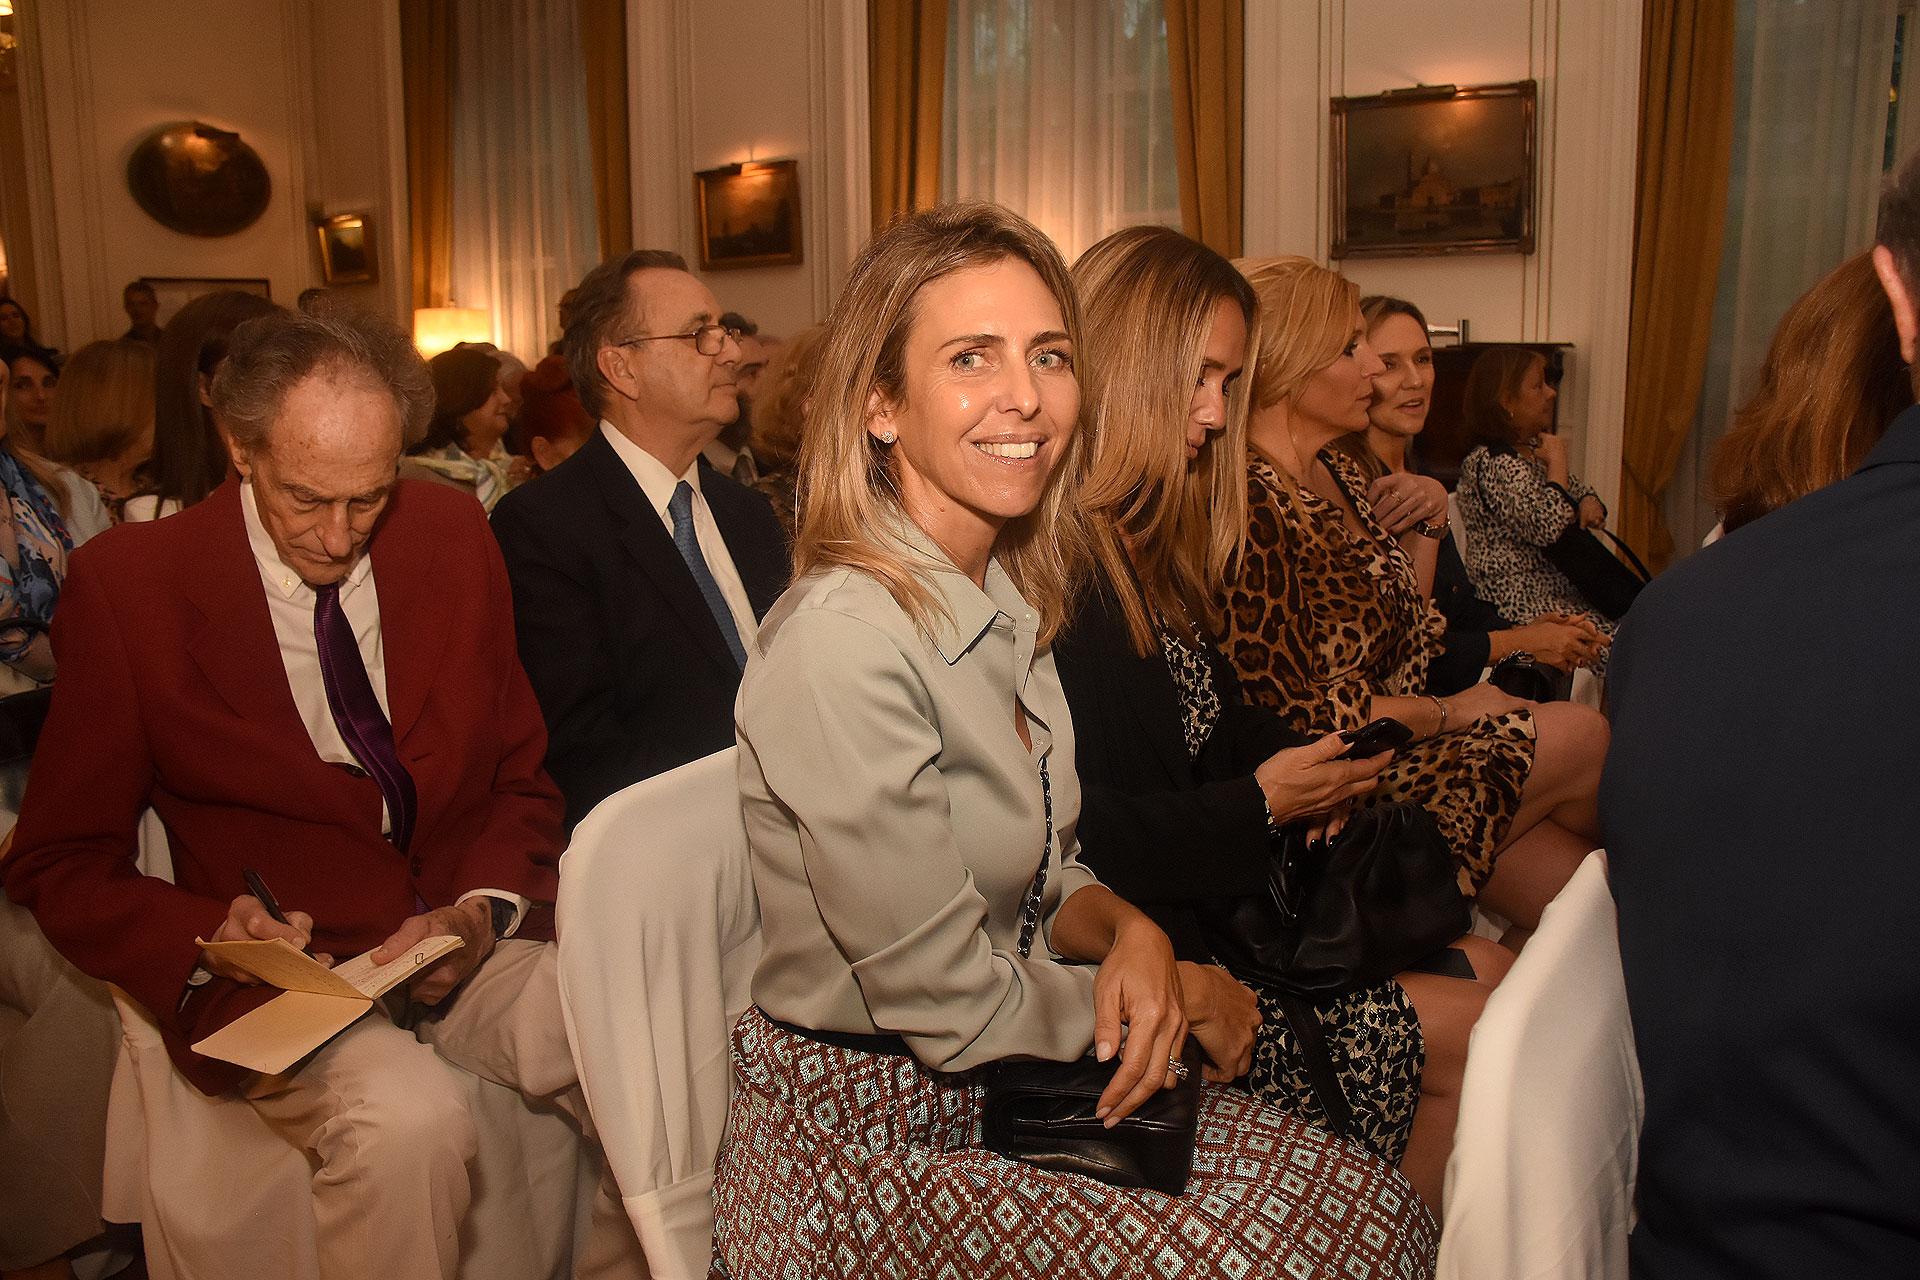 La celebración tuvo lugar en uno de los históricos salones de la embajada italiana en Buenos Aires